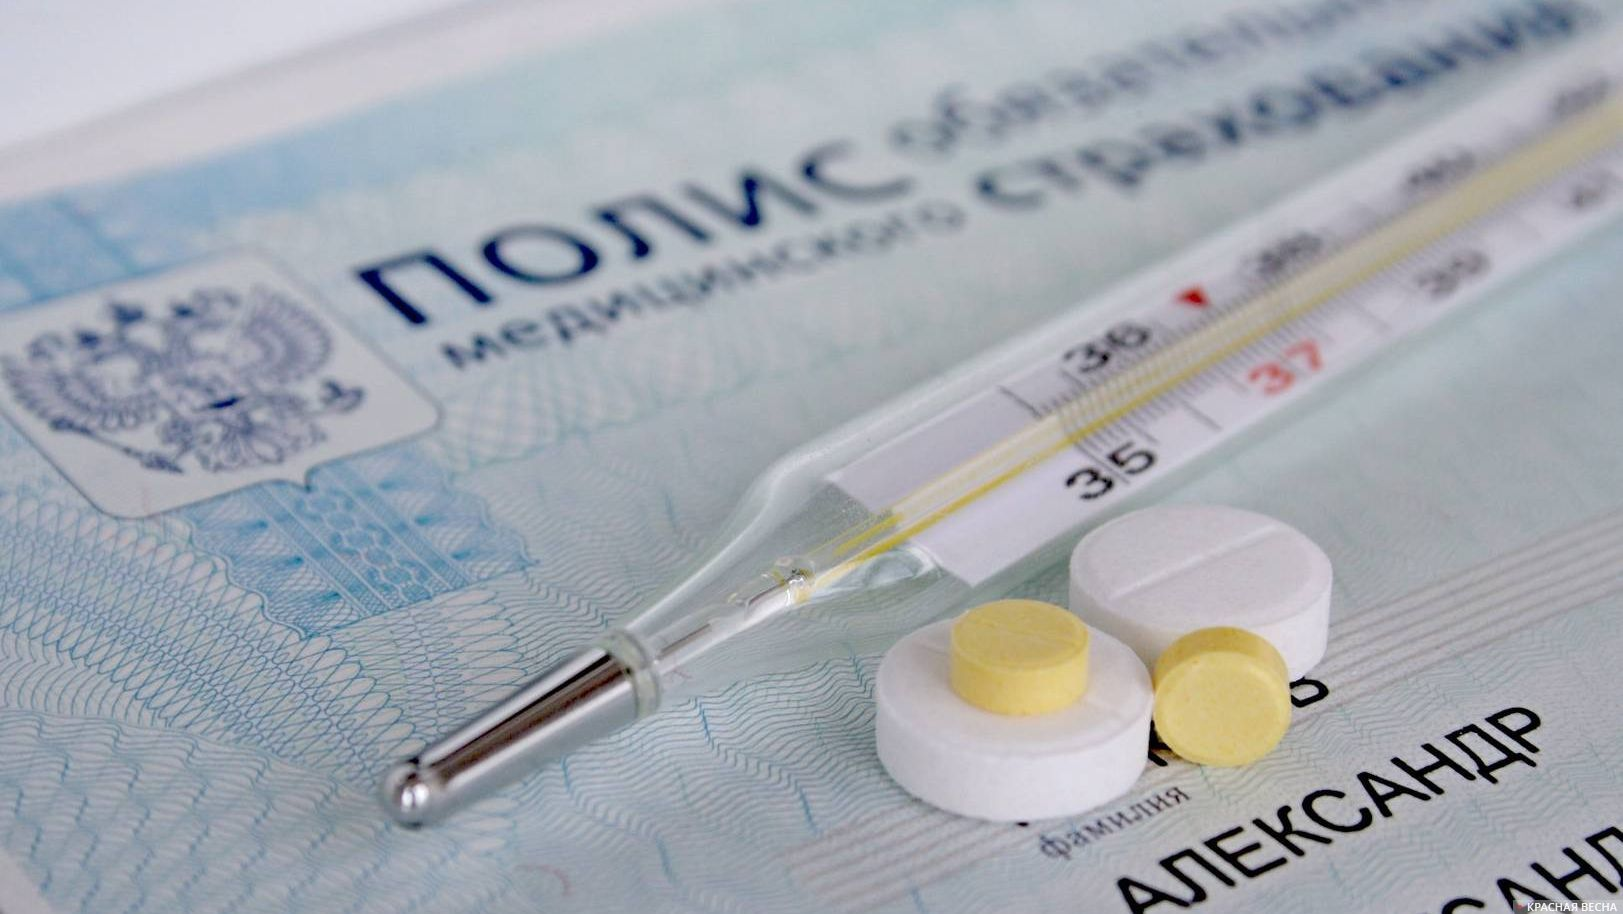 Термометр и таблетки на медицинсокм полисе